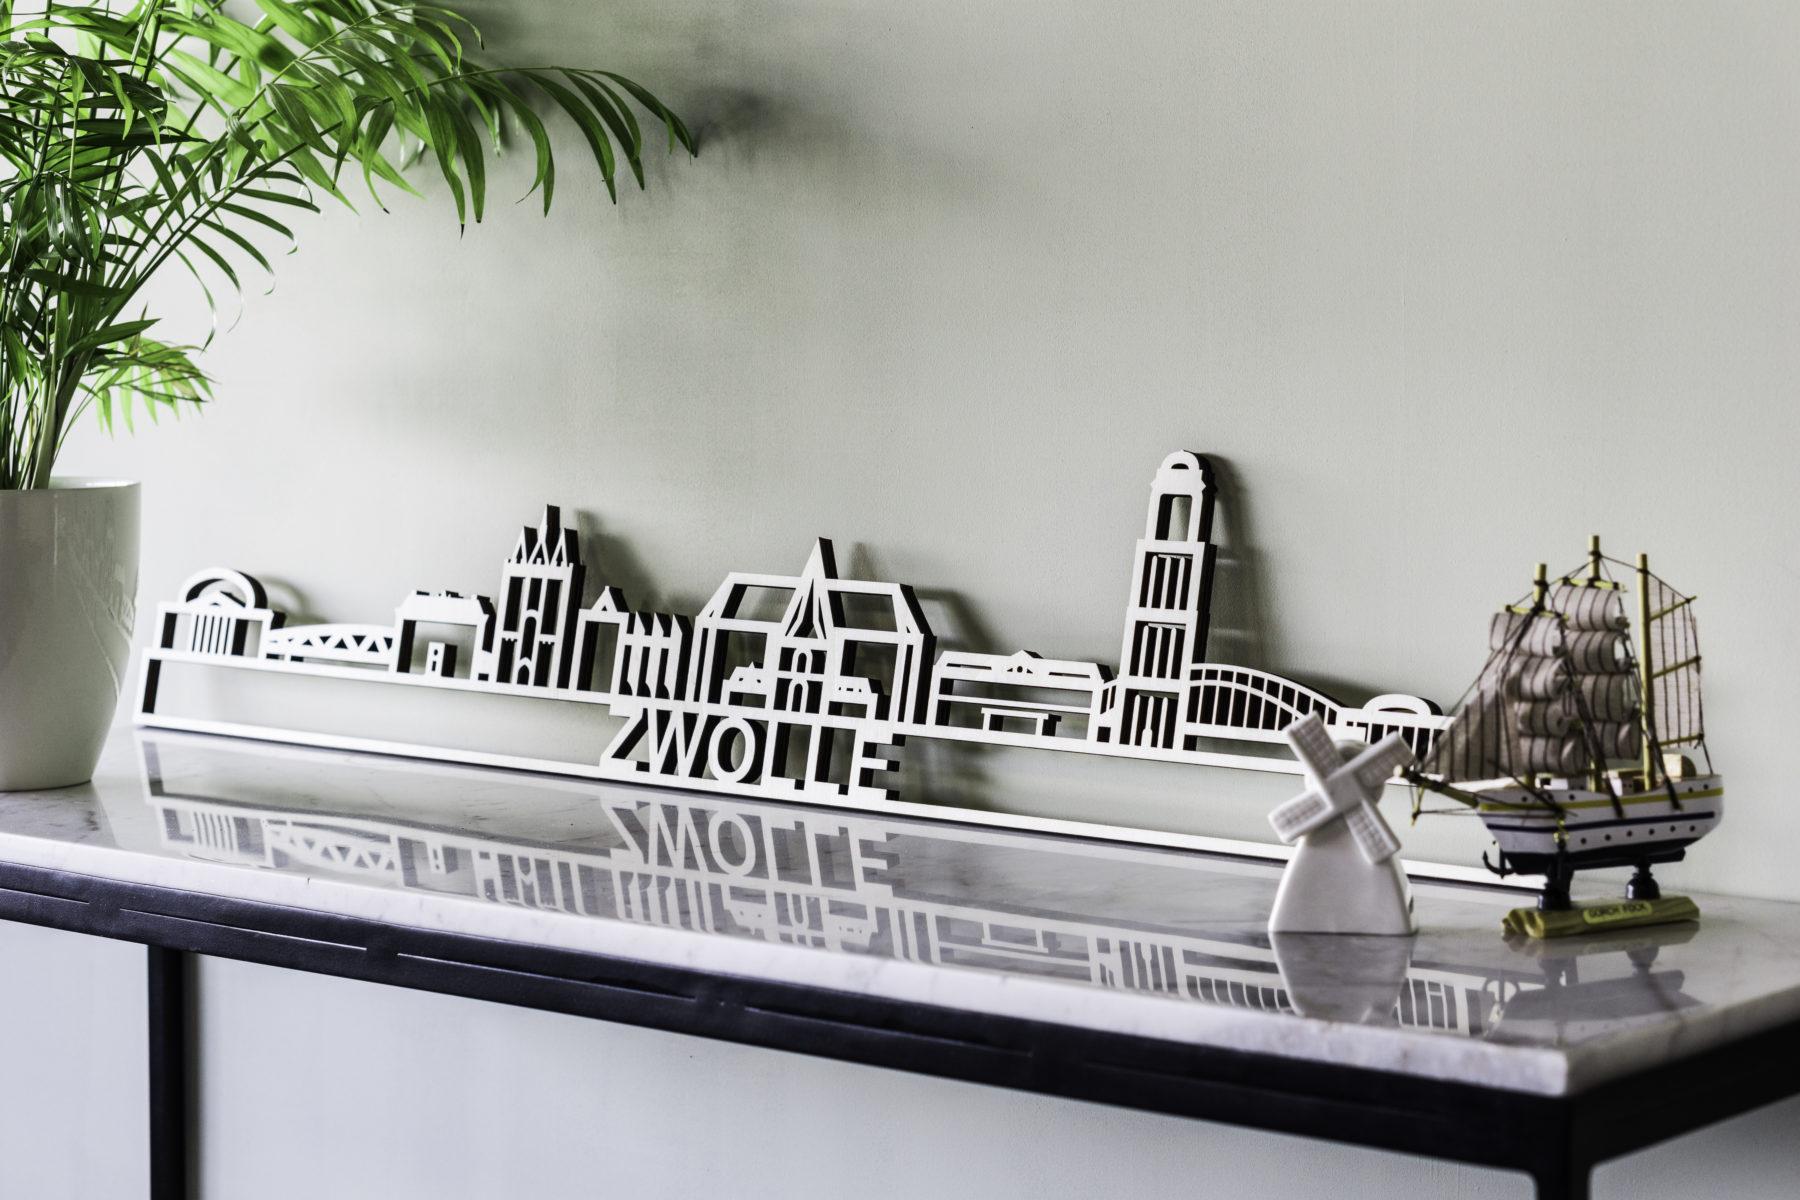 Houten skyline Zwolle populieren